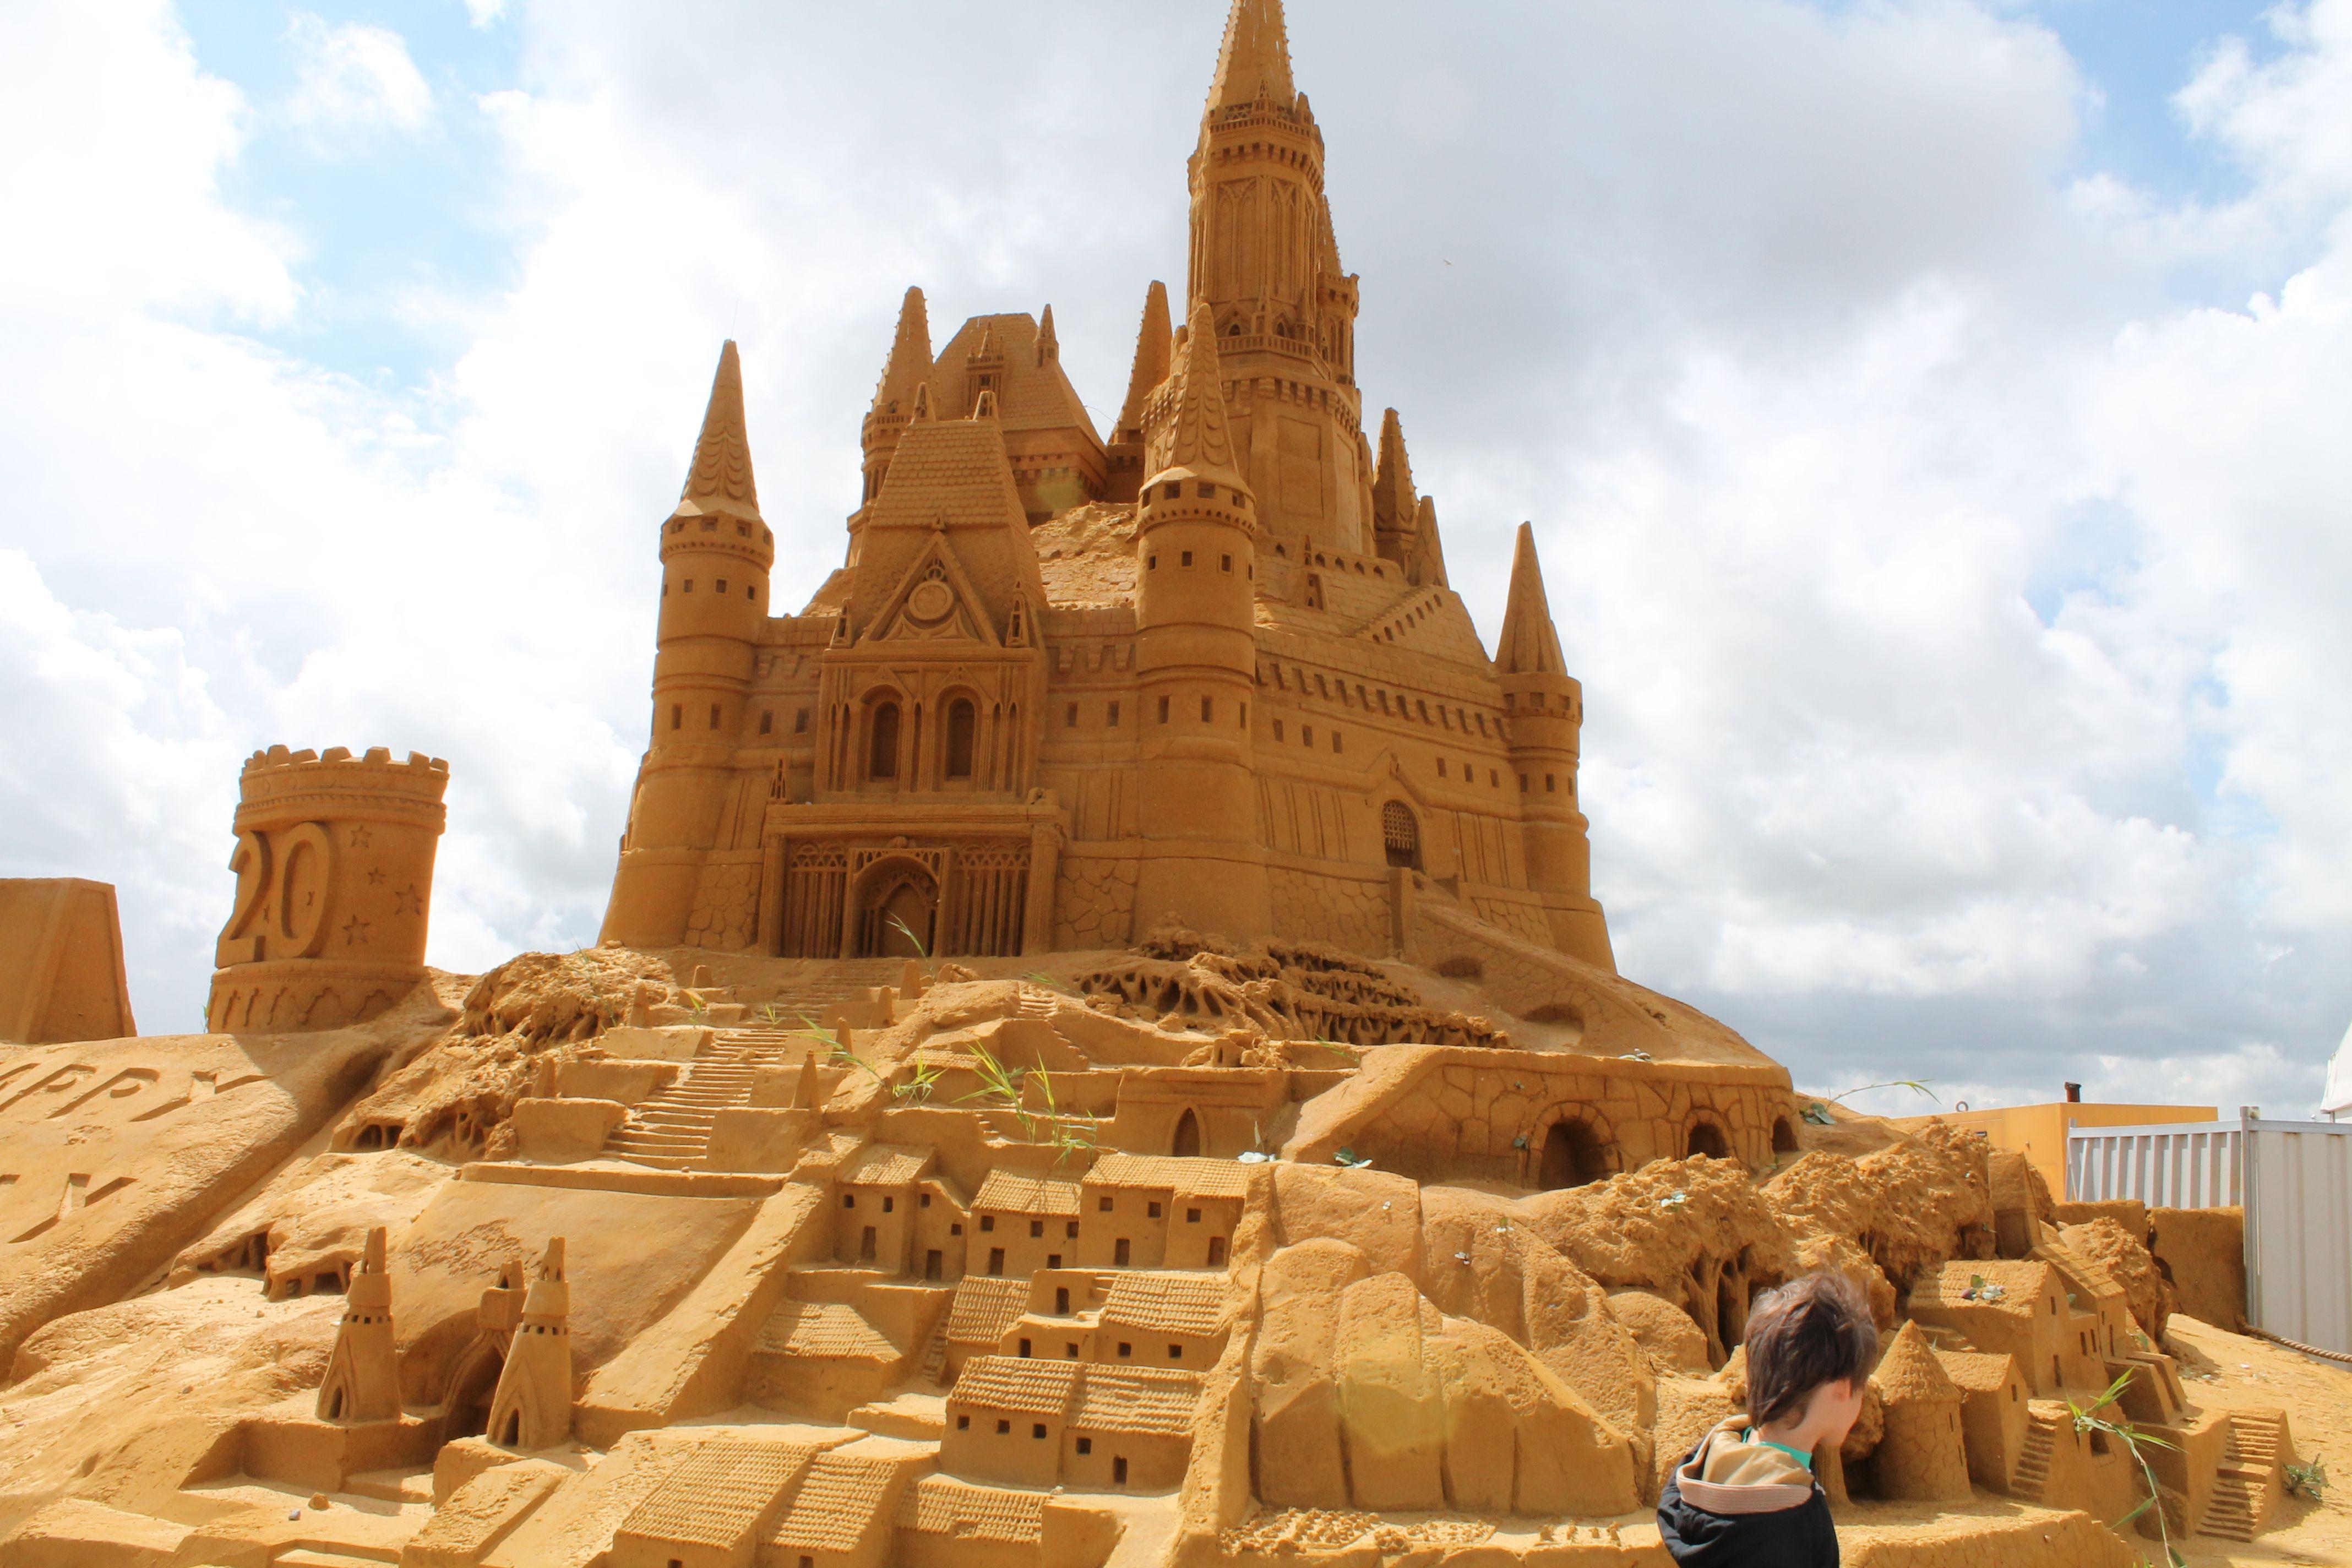 Sand sculptures festival in Belgium